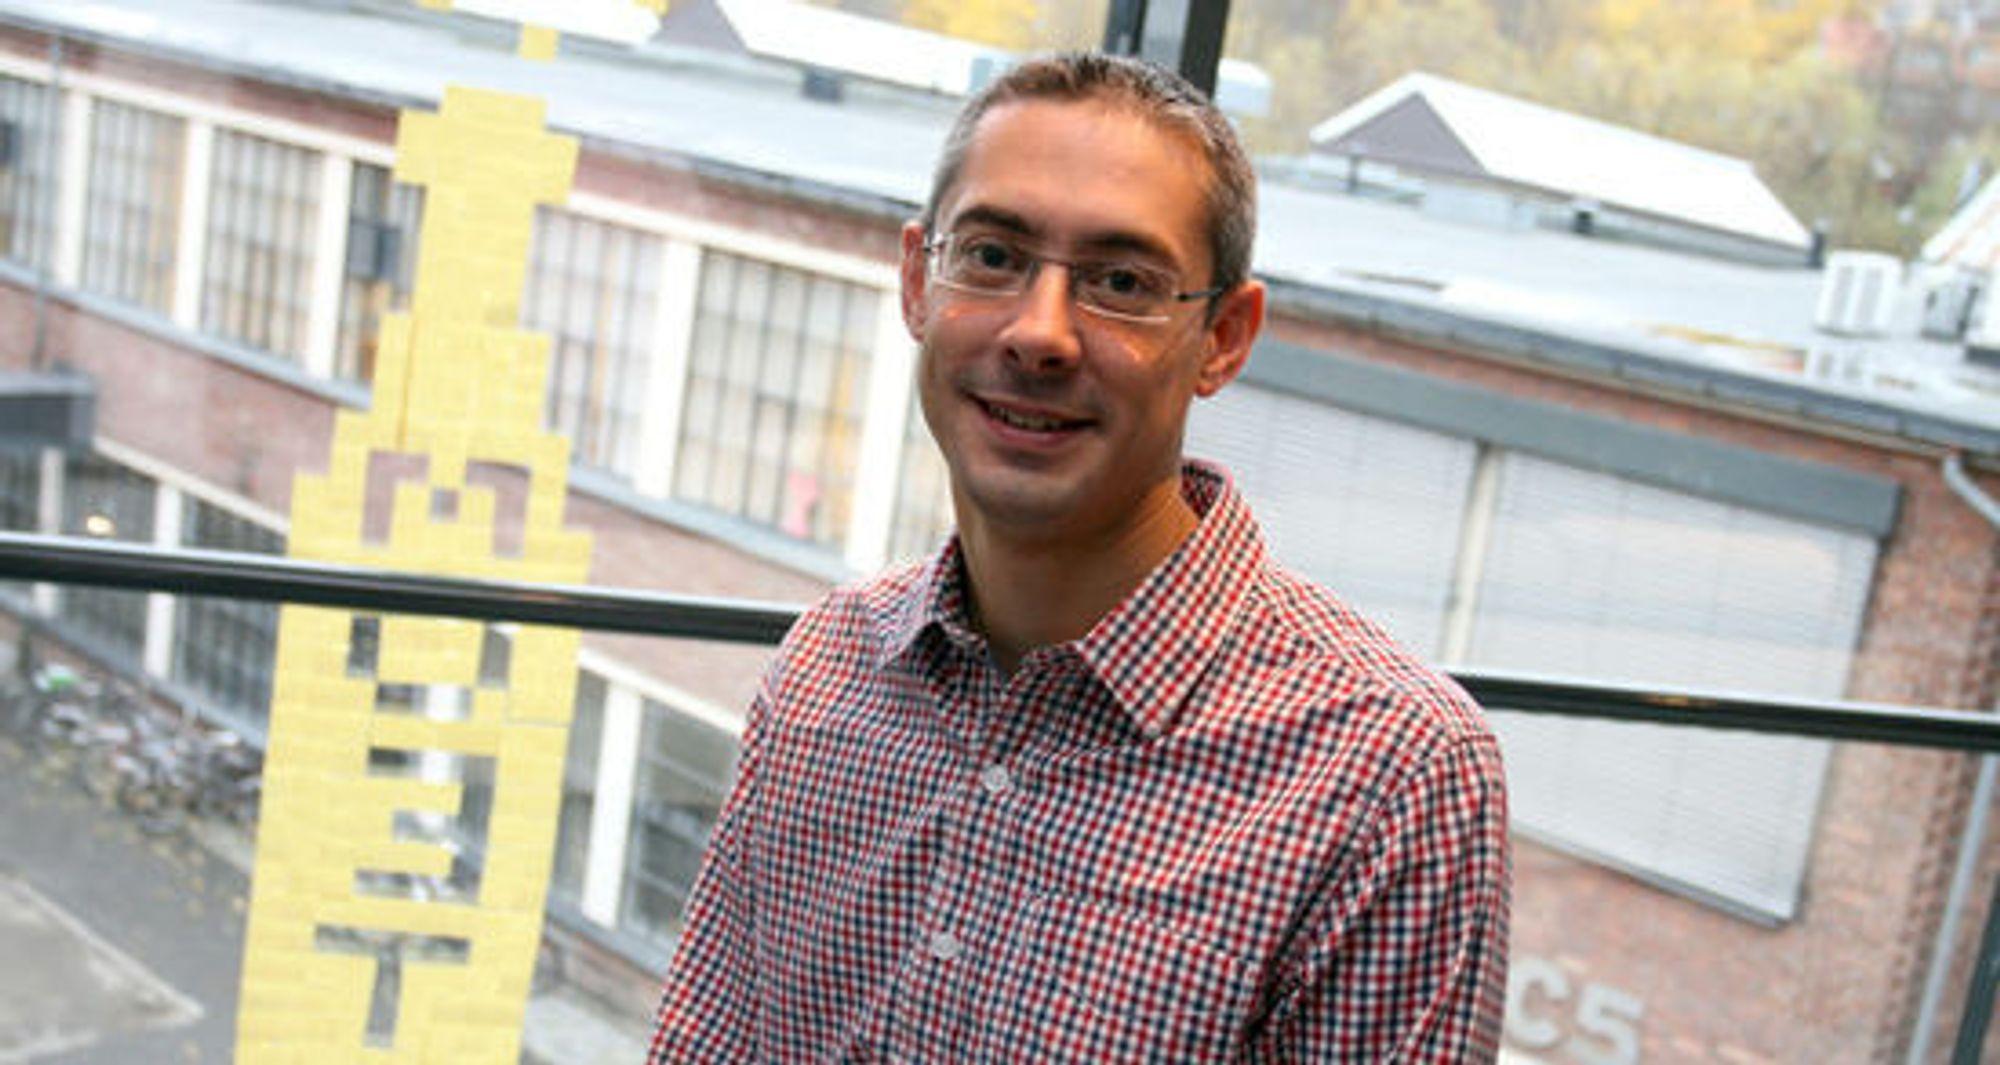 Simon Brown markedsføres av Bouvet som en «guru» innen arkitektur, og brukes både til internopplæring hos dem og ved kursing av utviklere fra andre virksomheter.